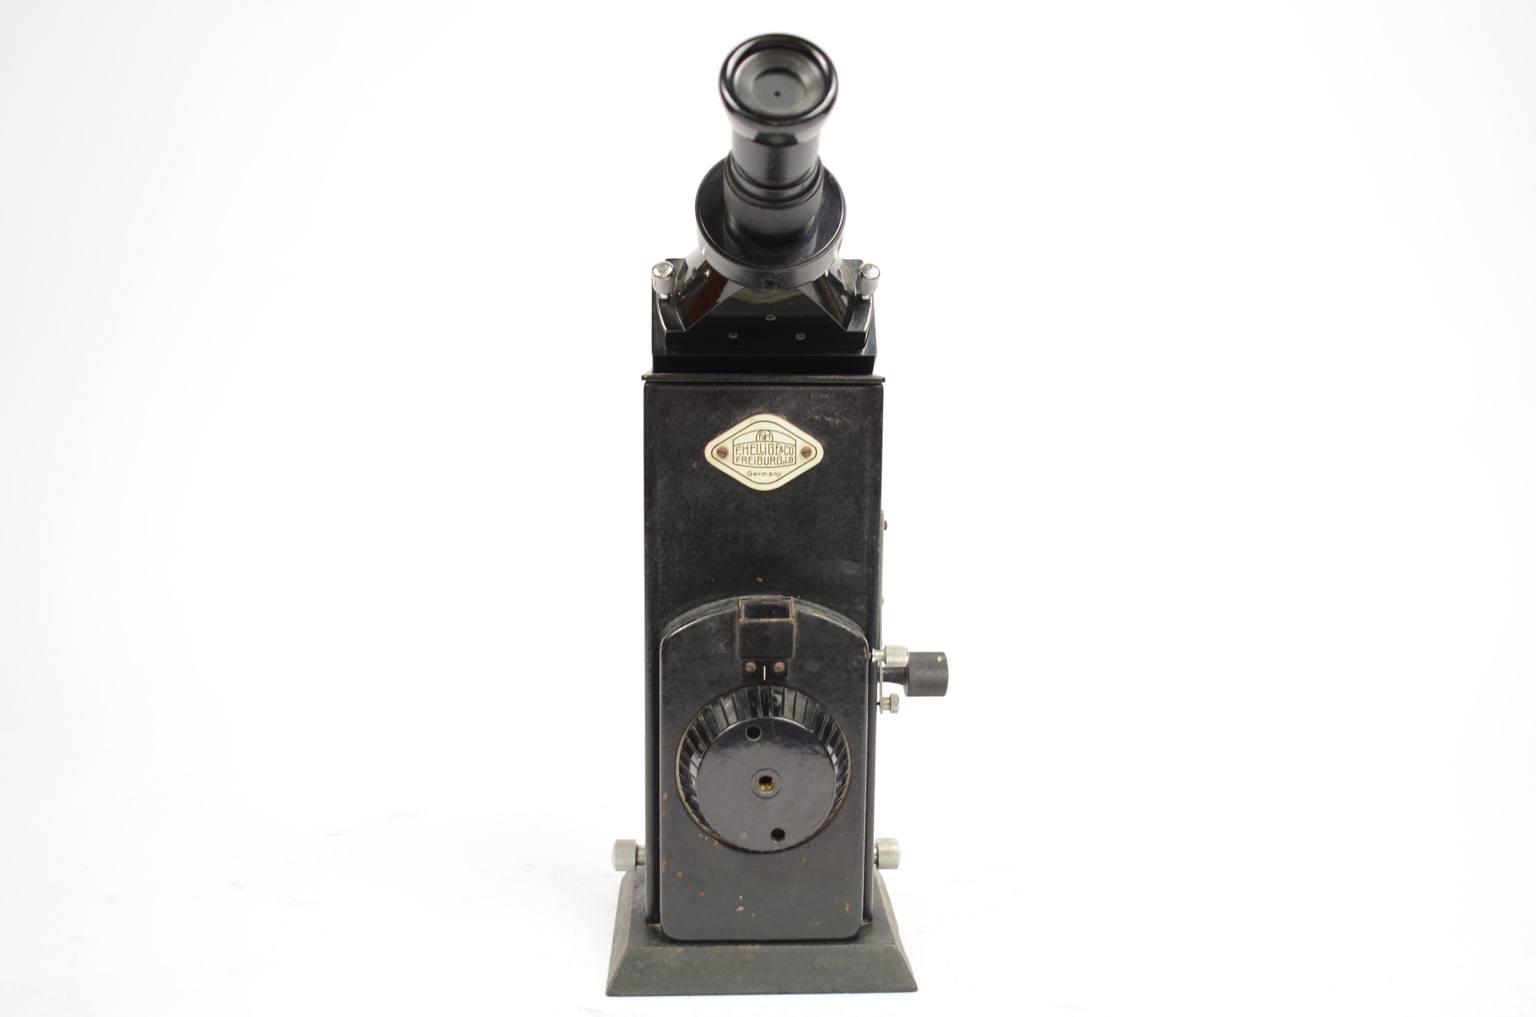 Strumenti di misura antichi/61058-Colorimetro antico